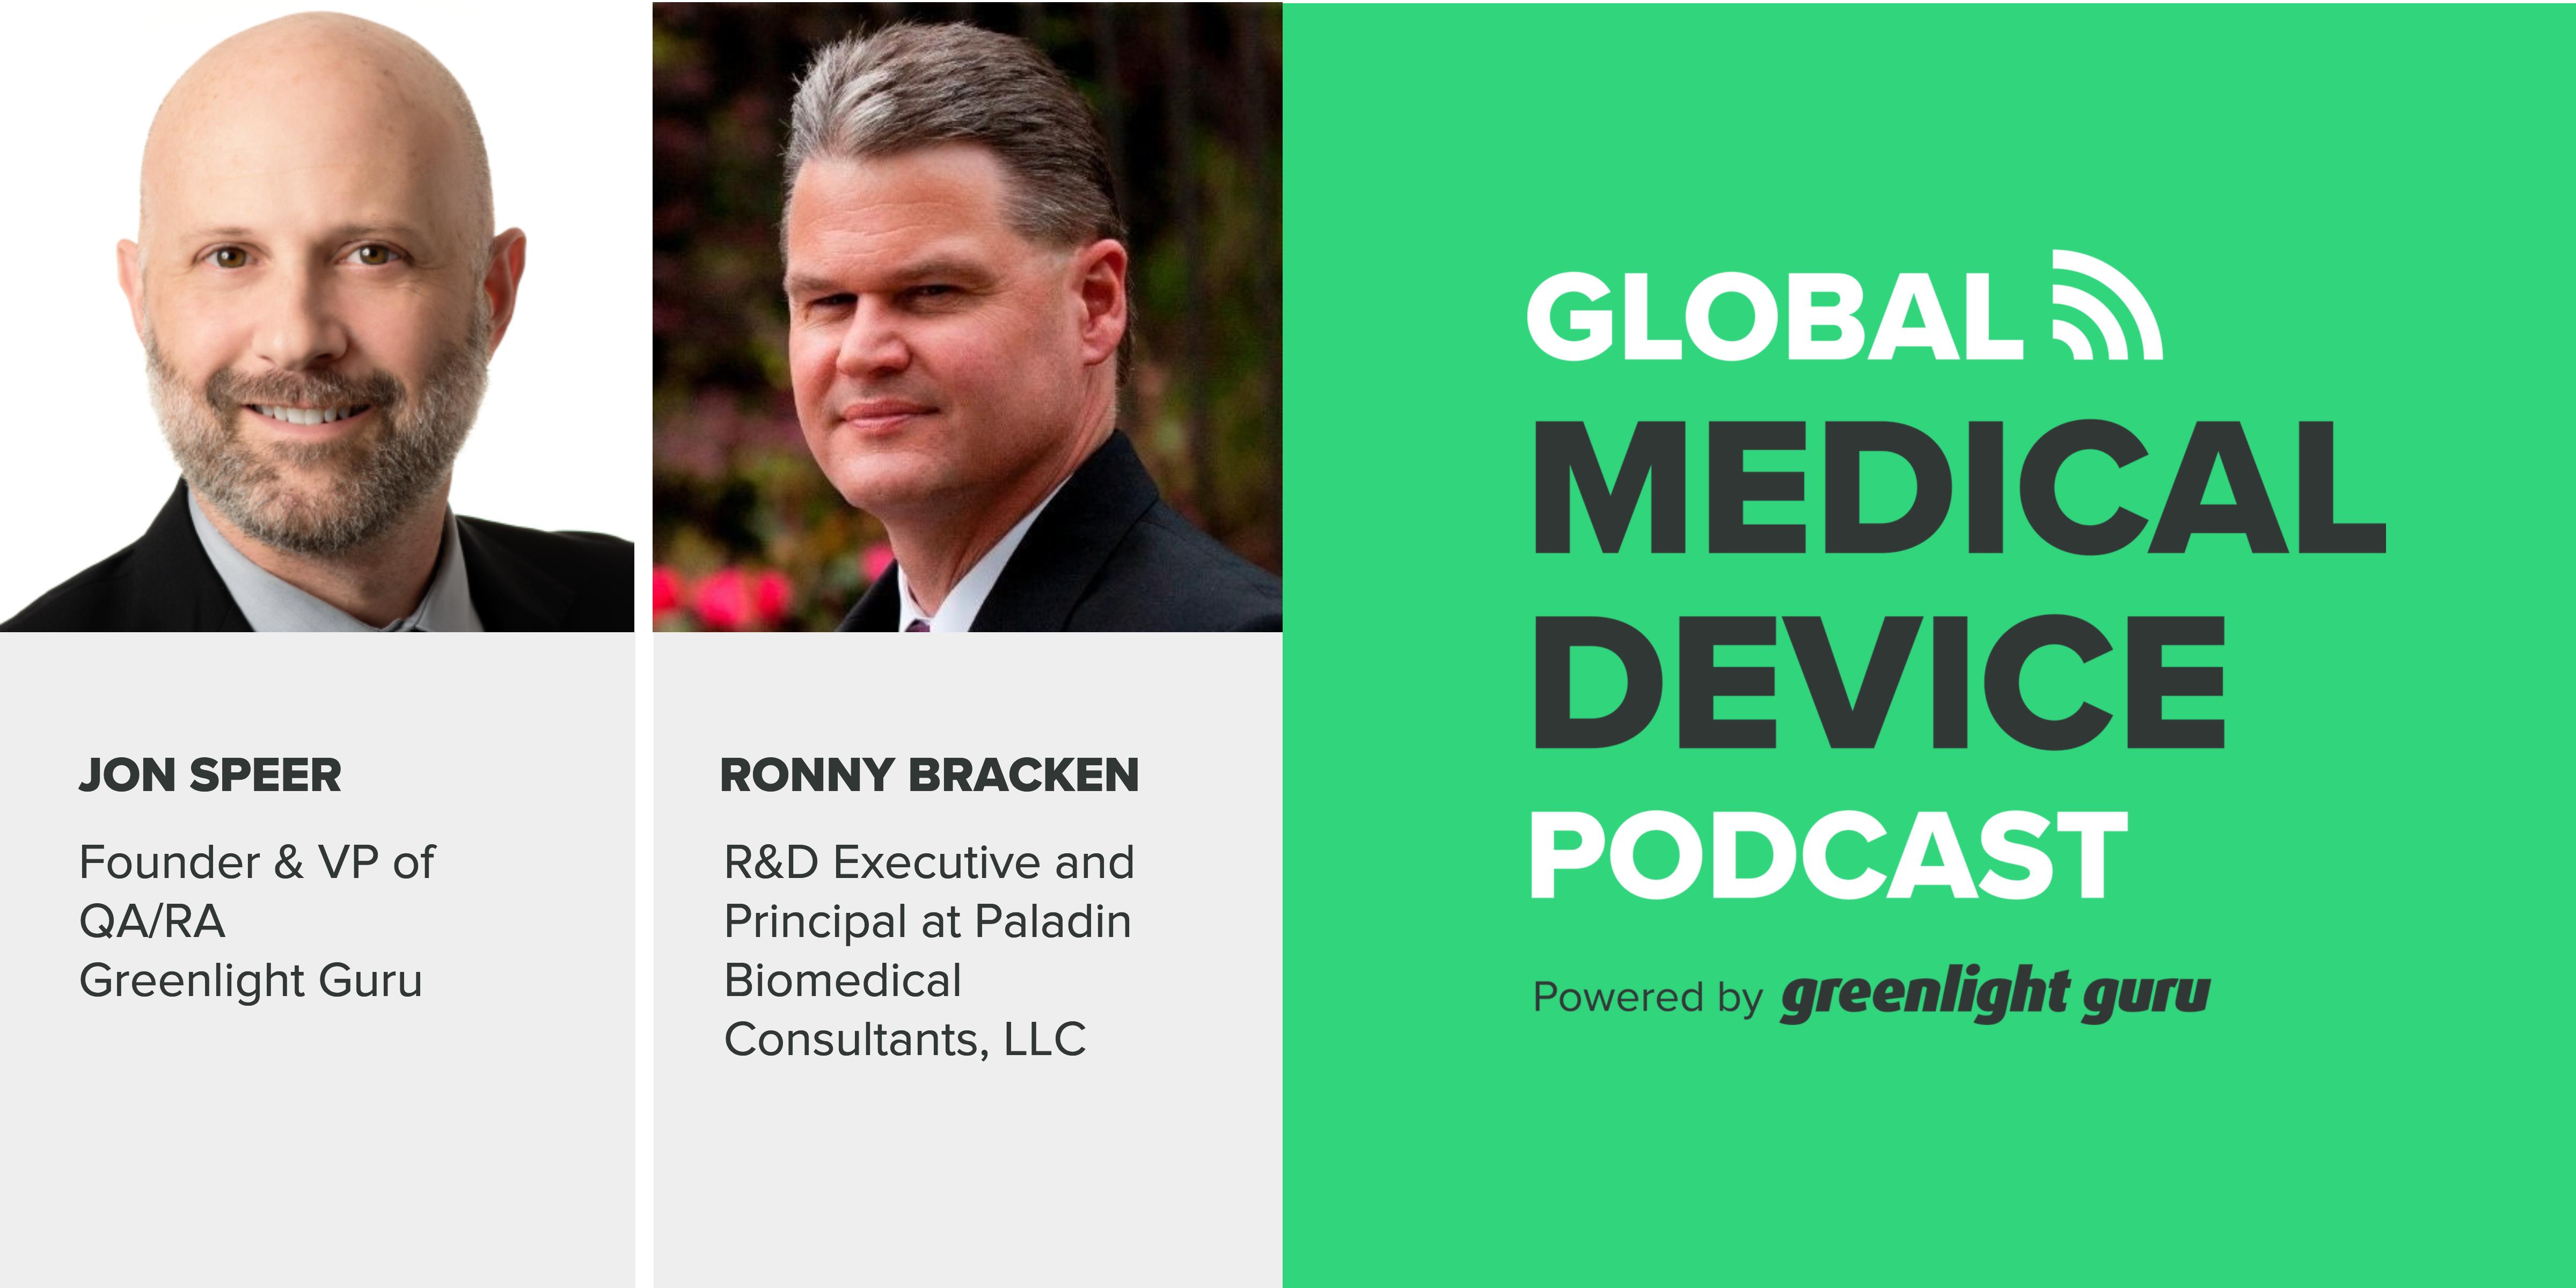 podcast_ronny bracken